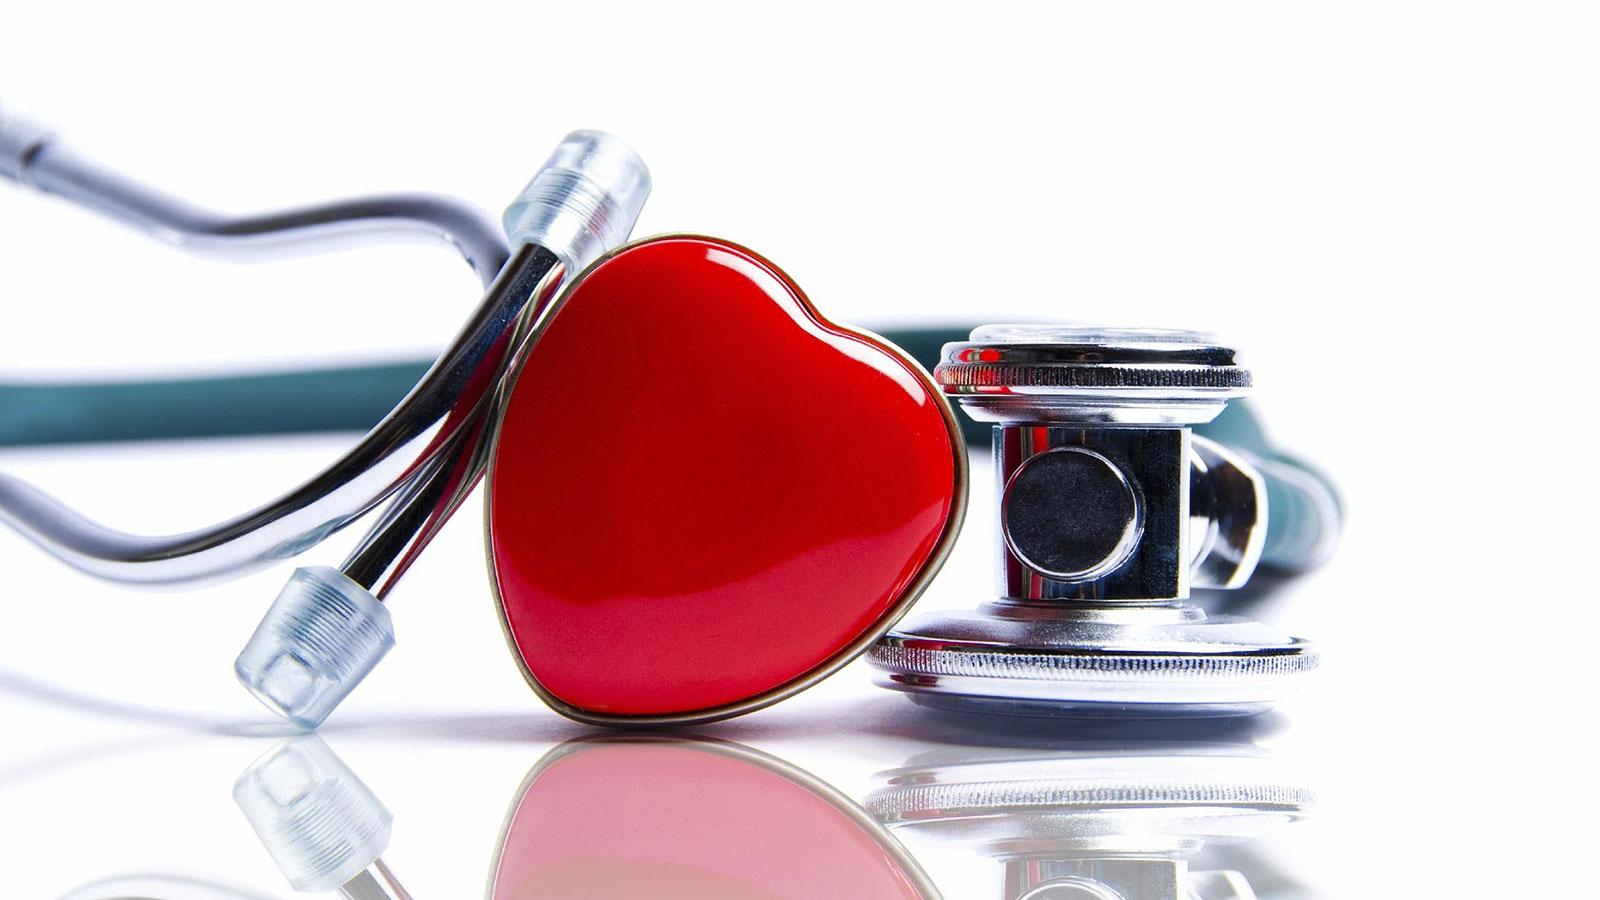 Conozca su Nivel de Riesgo de Enfermedades del Corazón